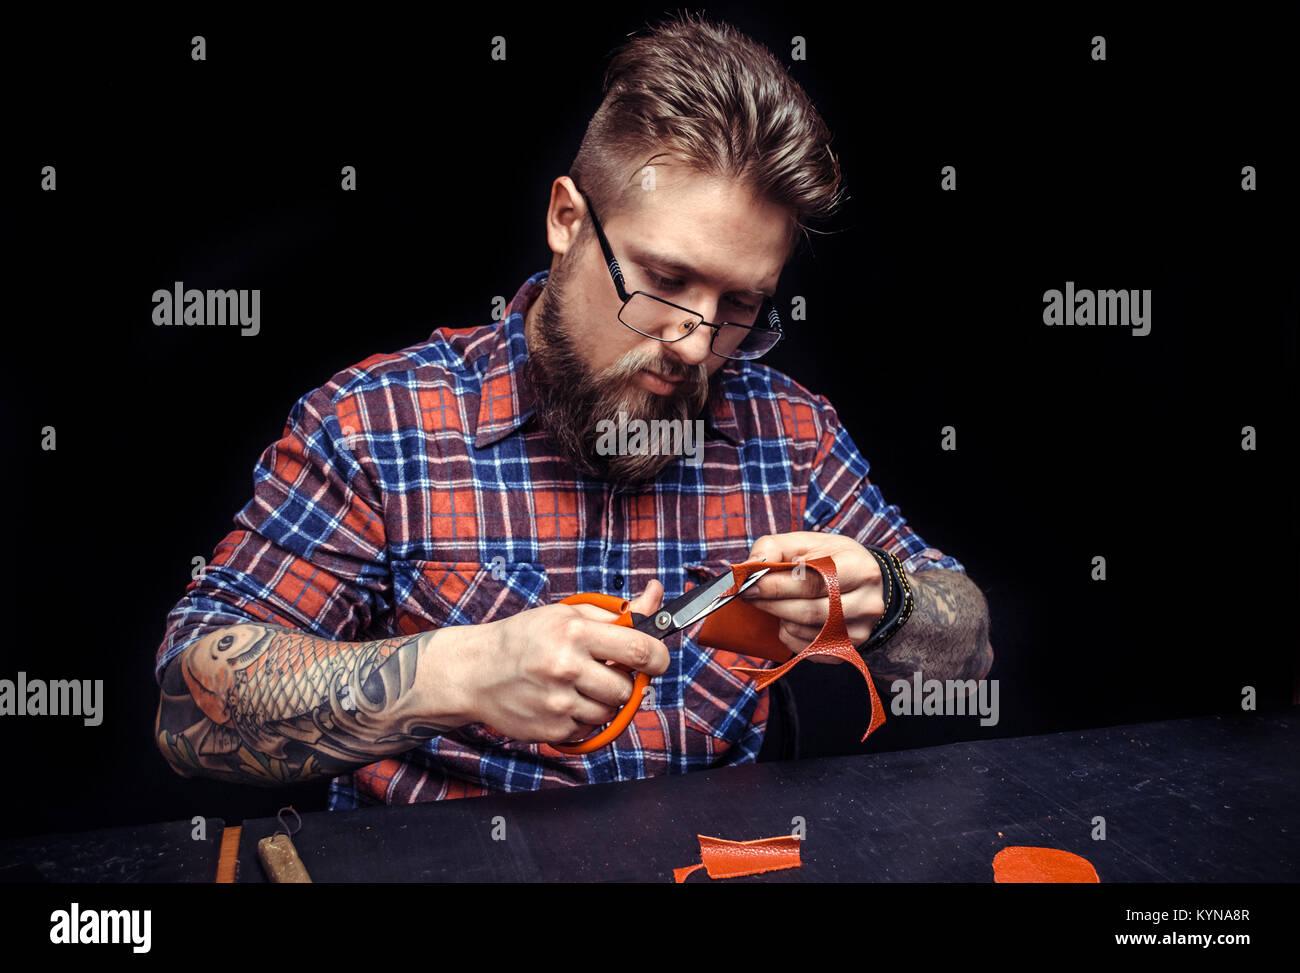 Uomo al lavoro con pelle produce un buon prodotto presso il negozio di abbronzatura Immagini Stock